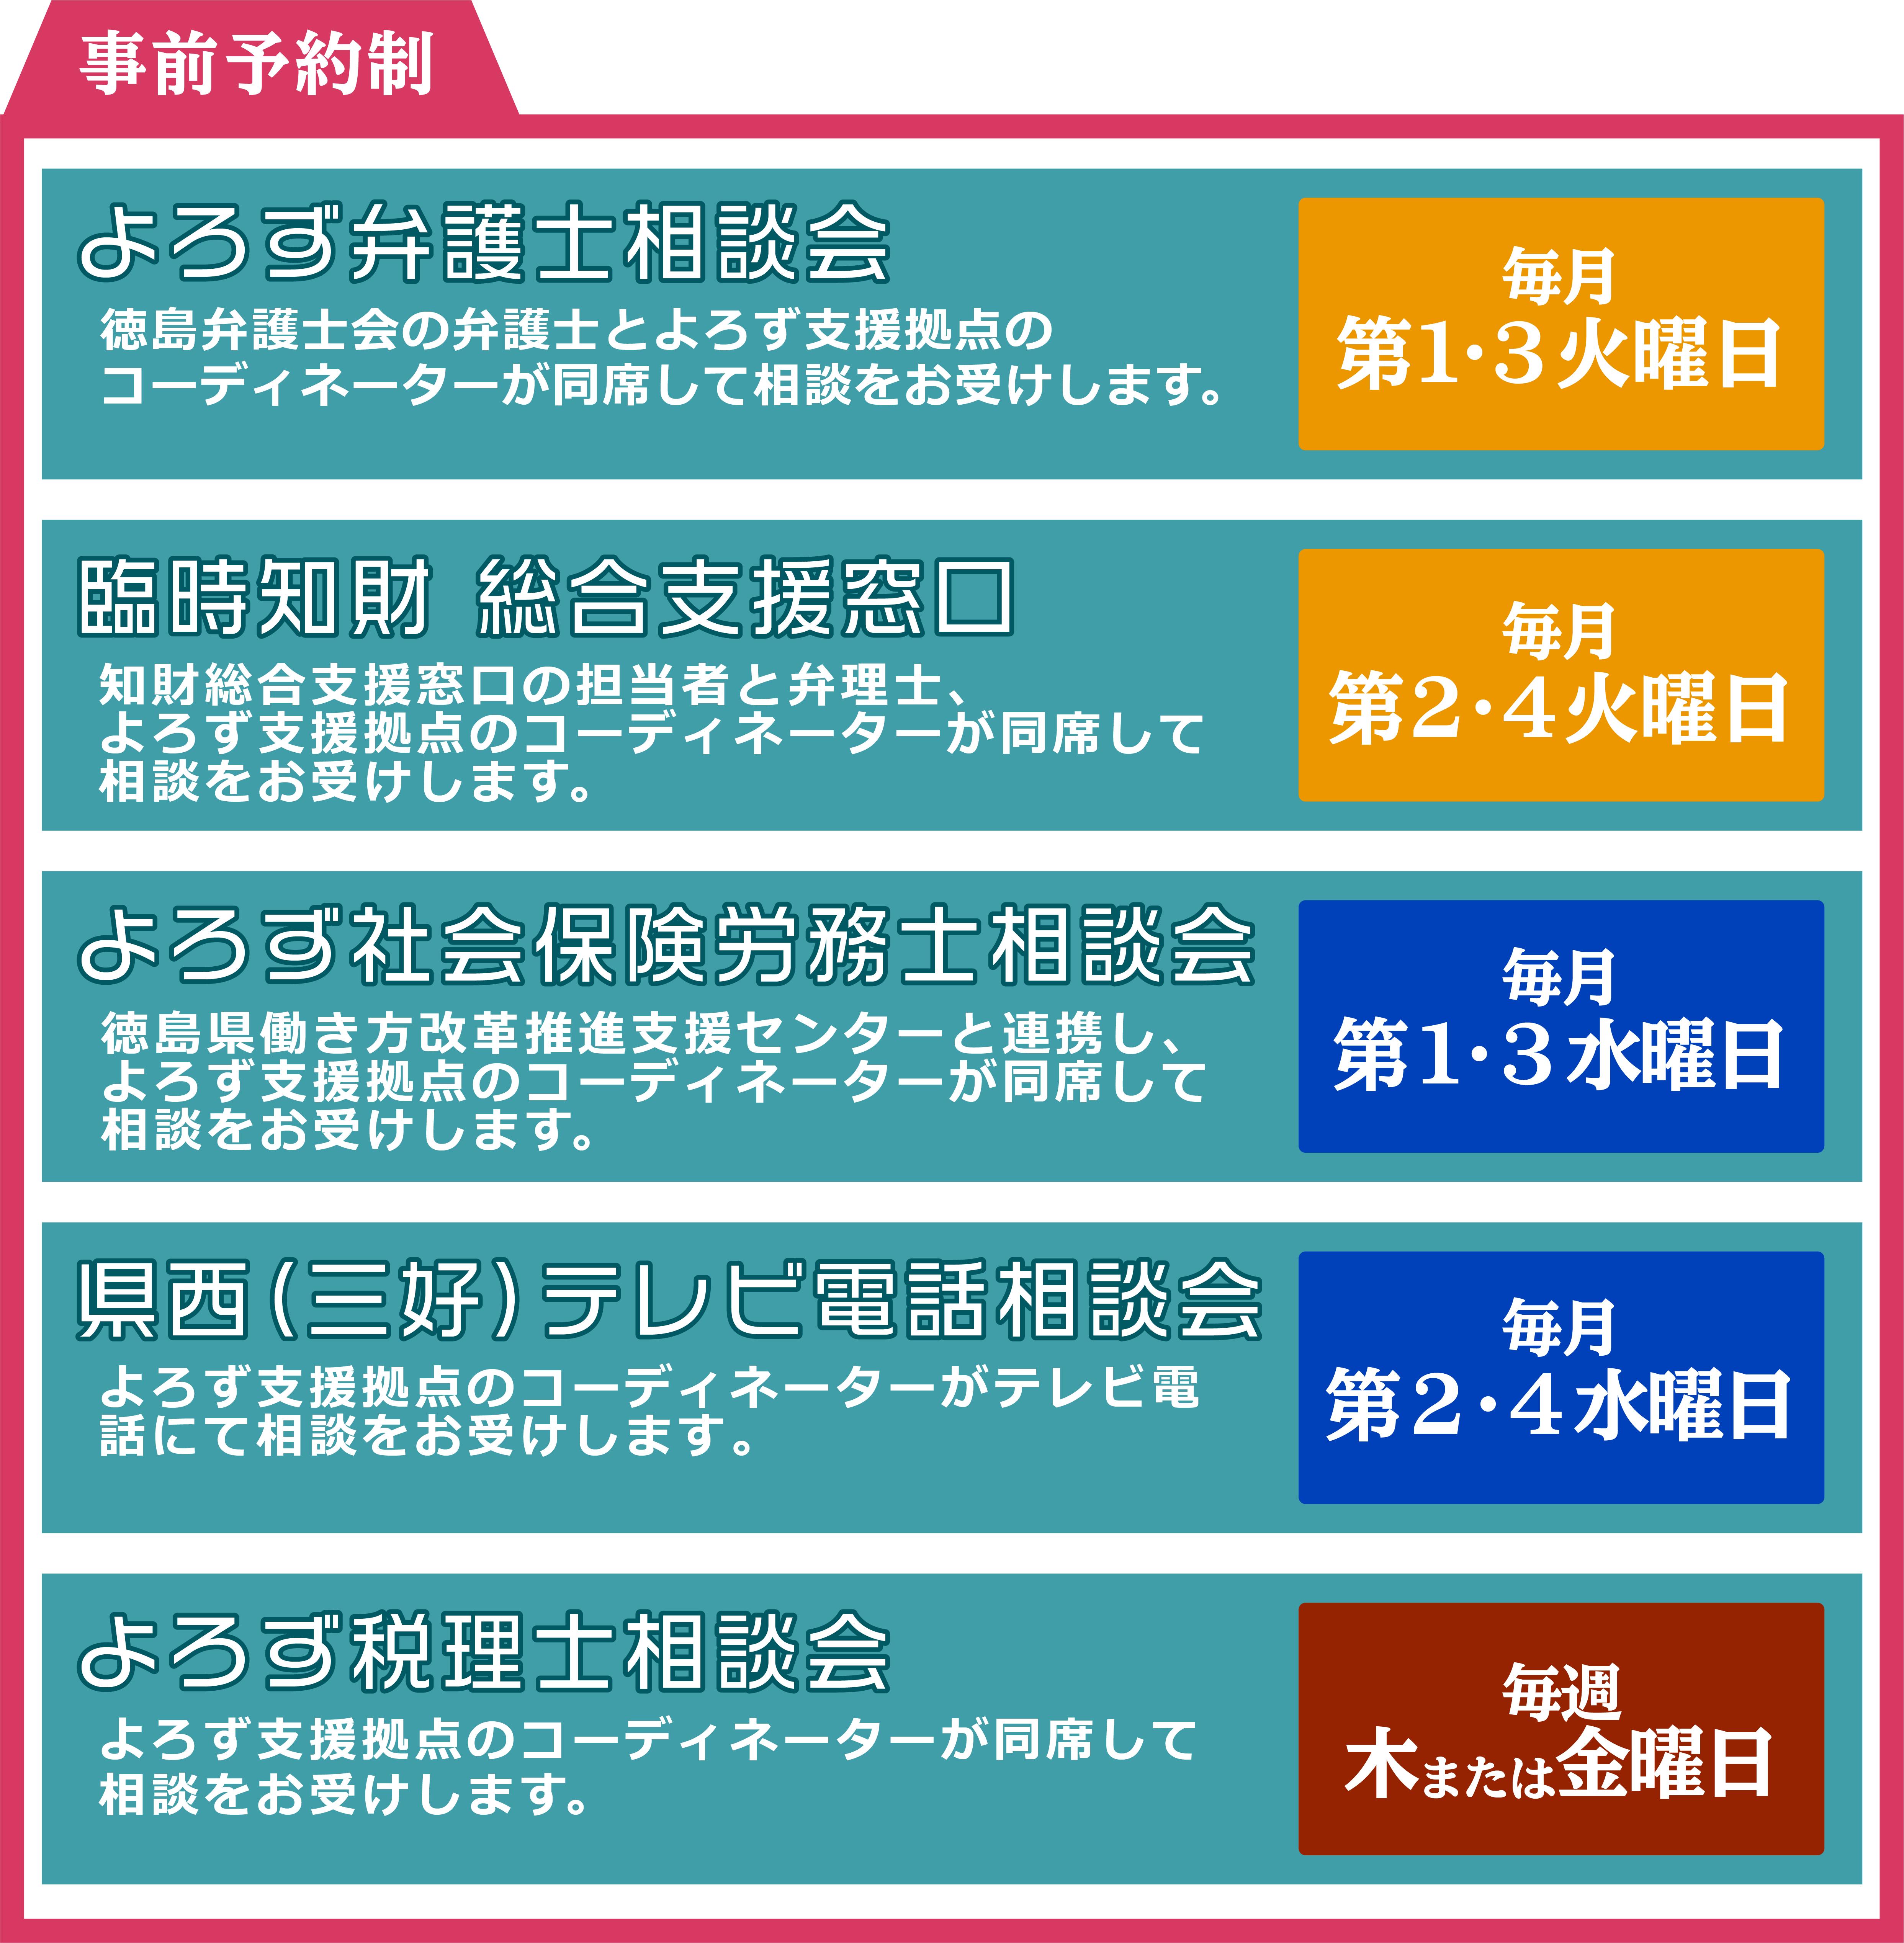 徳島 県 コロナ 対策